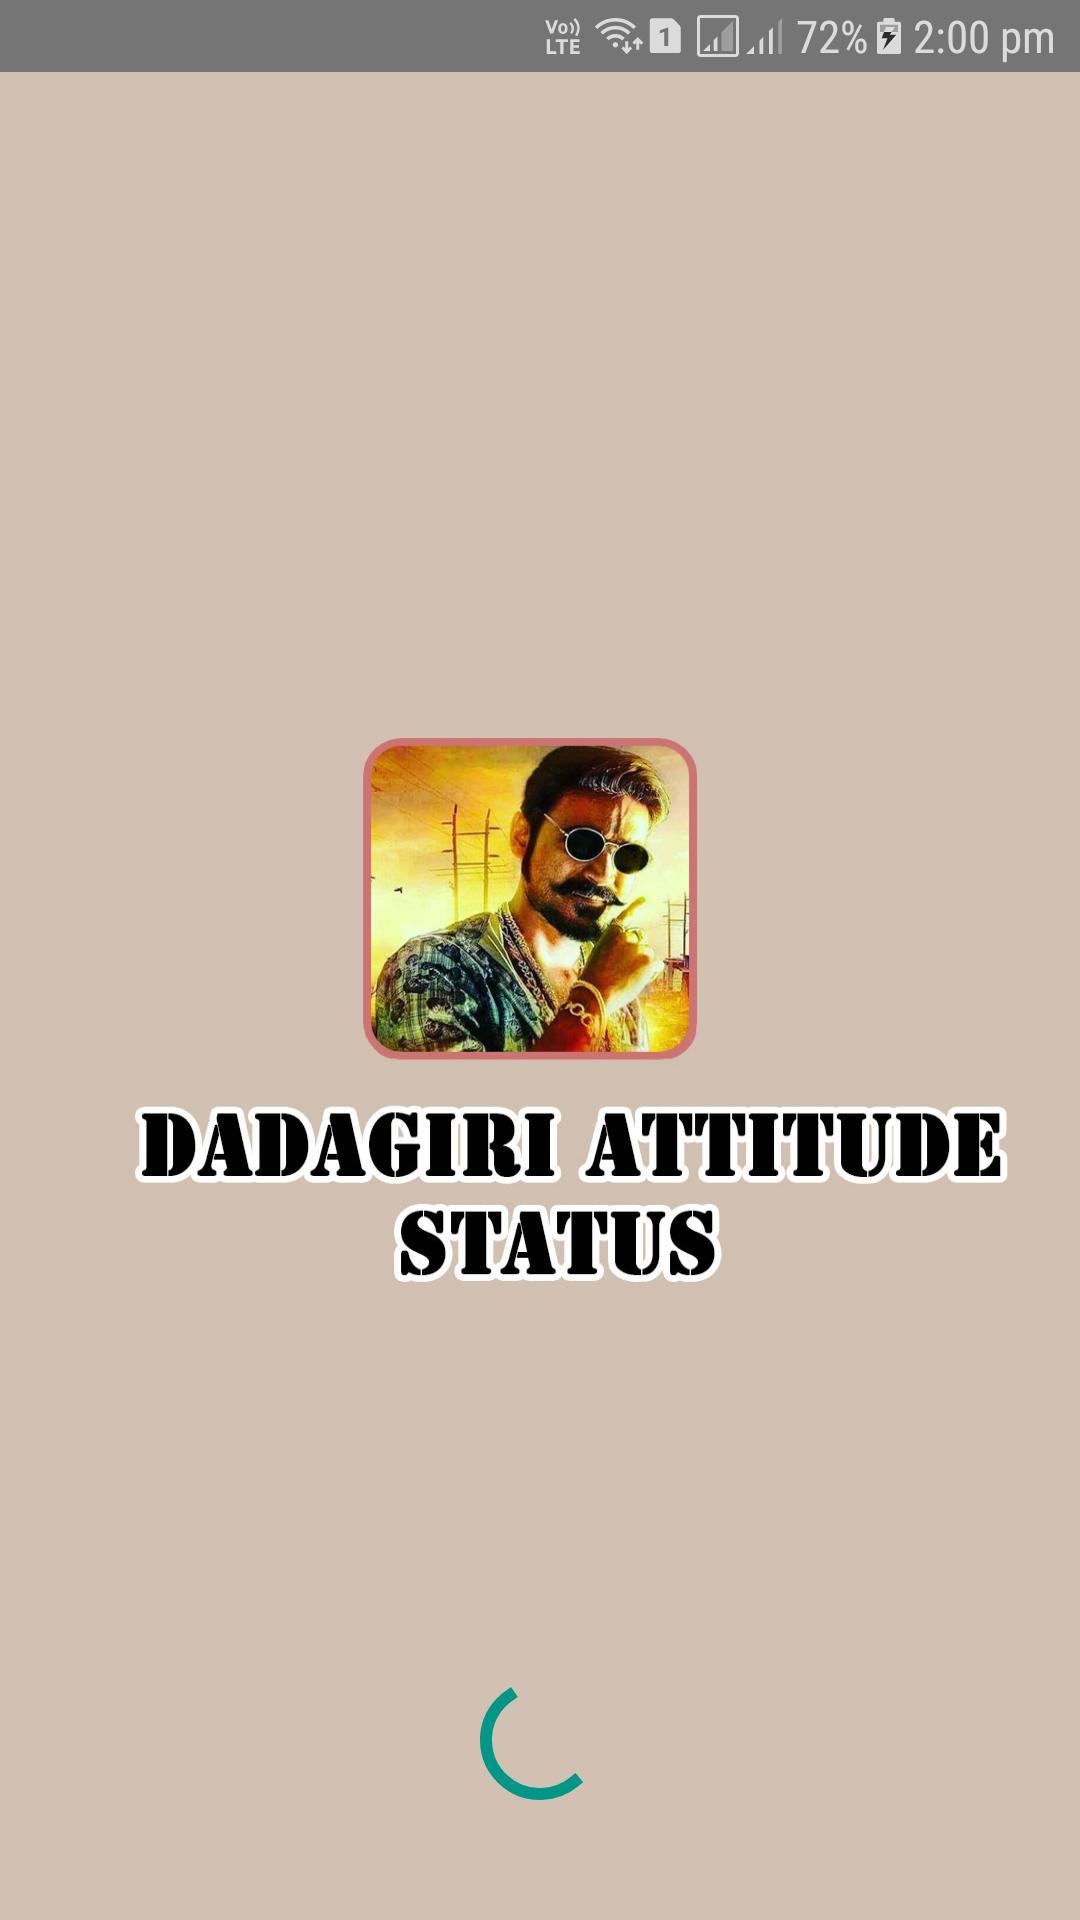 Dadagiri Attitude Status for Android - APK Download